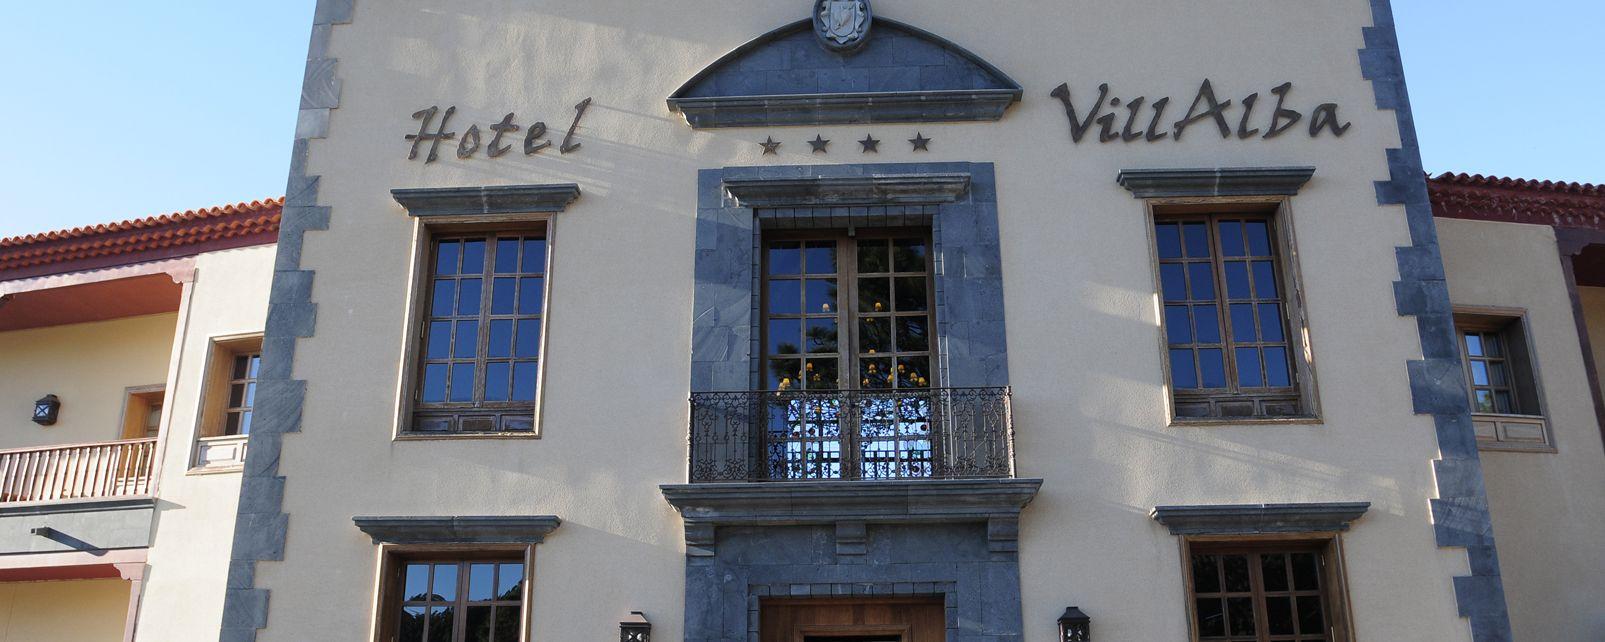 Hotel Villalba Spa